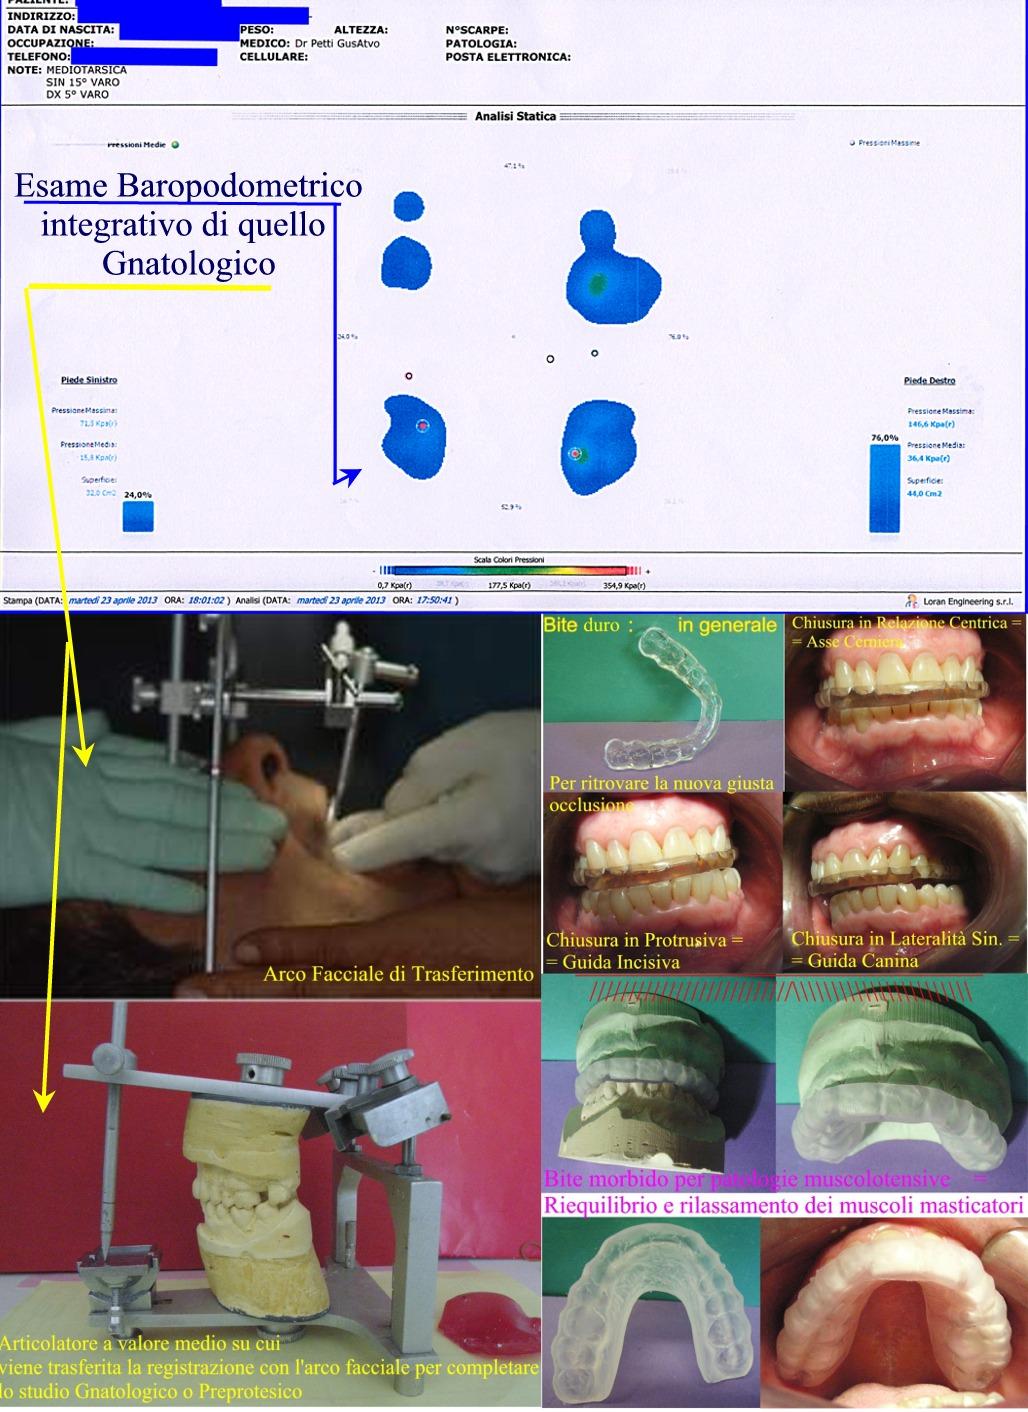 Arco Facciale e esame Statimetrico Computerizzato e diversi tipi di Bite come Parte di una Visita Gnatologica. Da casistica del Dottor Gustavo Petti Parodontologo Gnatologo di Cagliari